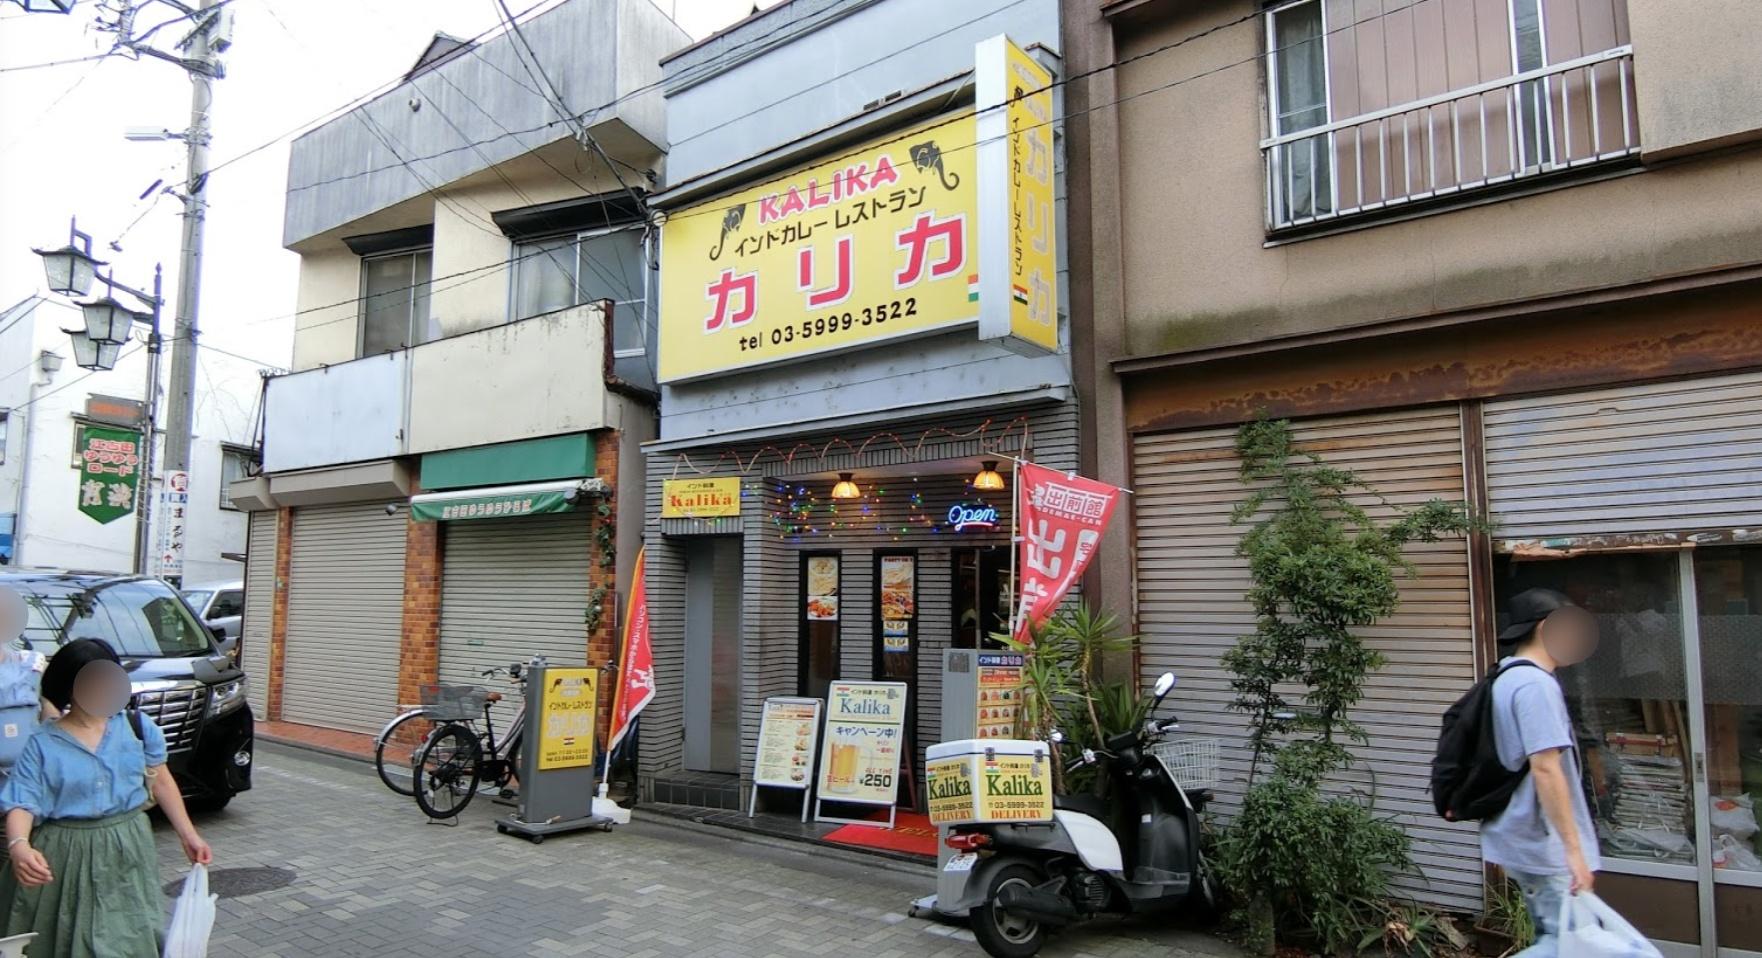 インド料理カリカ 江古田本店